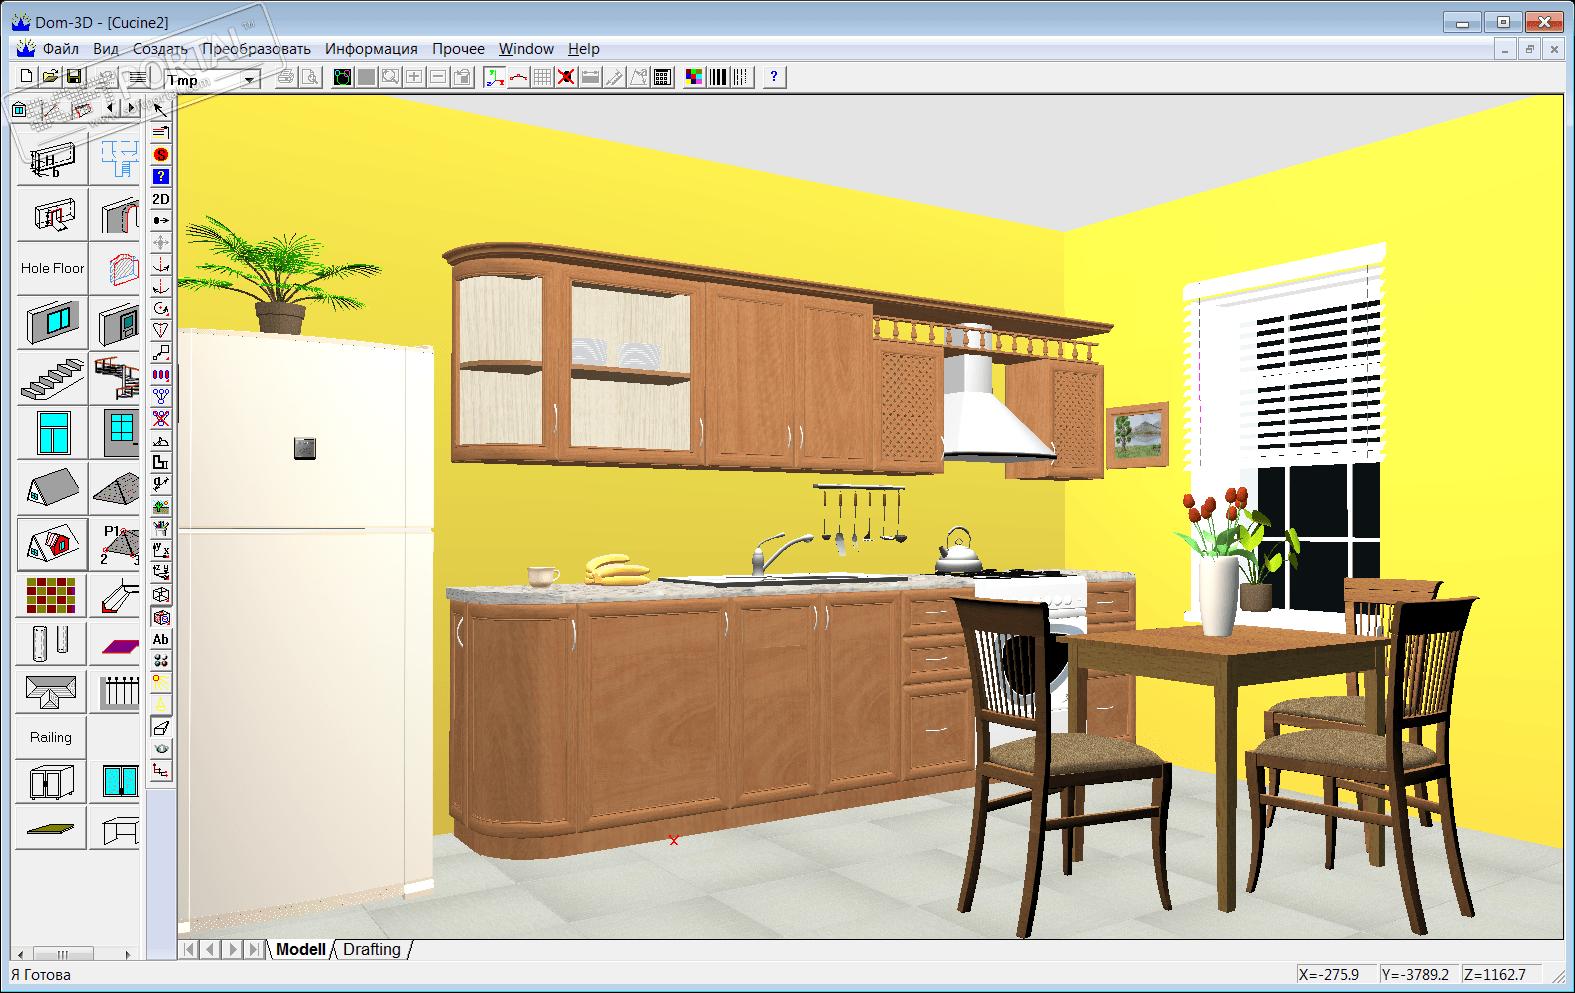 Скачать программу проектирование домов 3d на русском через торрент